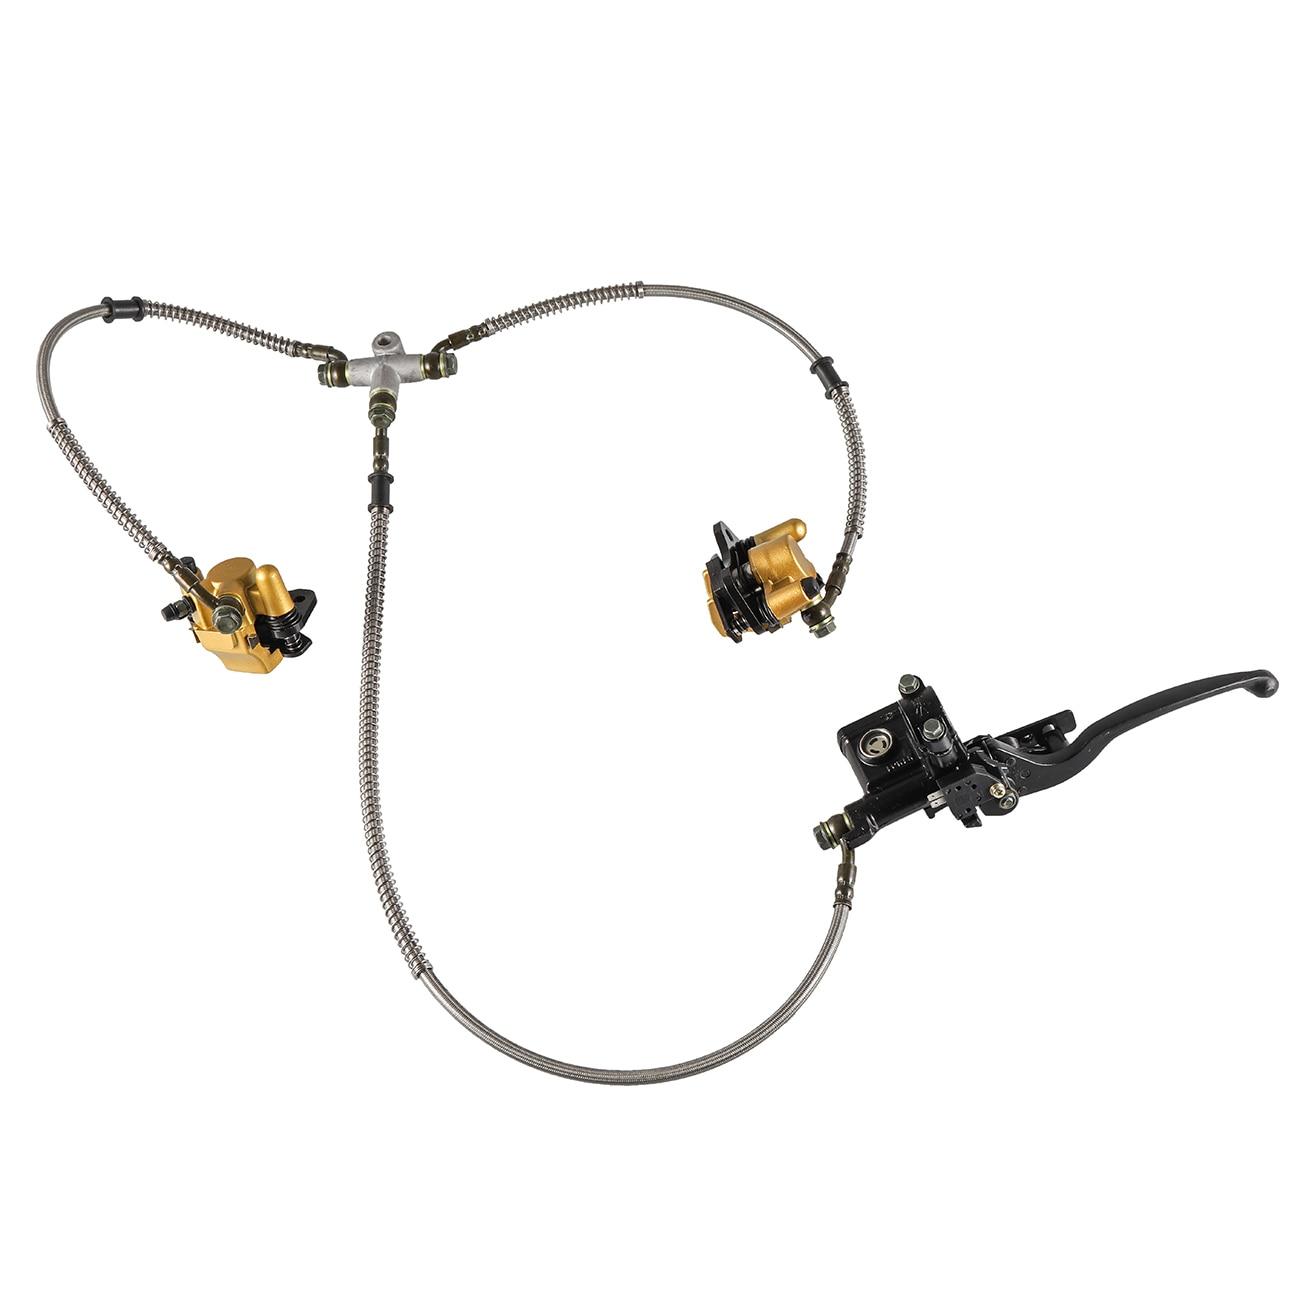 Étriers de frein à disque double hydraulique à Pouvoir et plaquettes 110 125cc Quad Dirt Bike ATV haute Performance